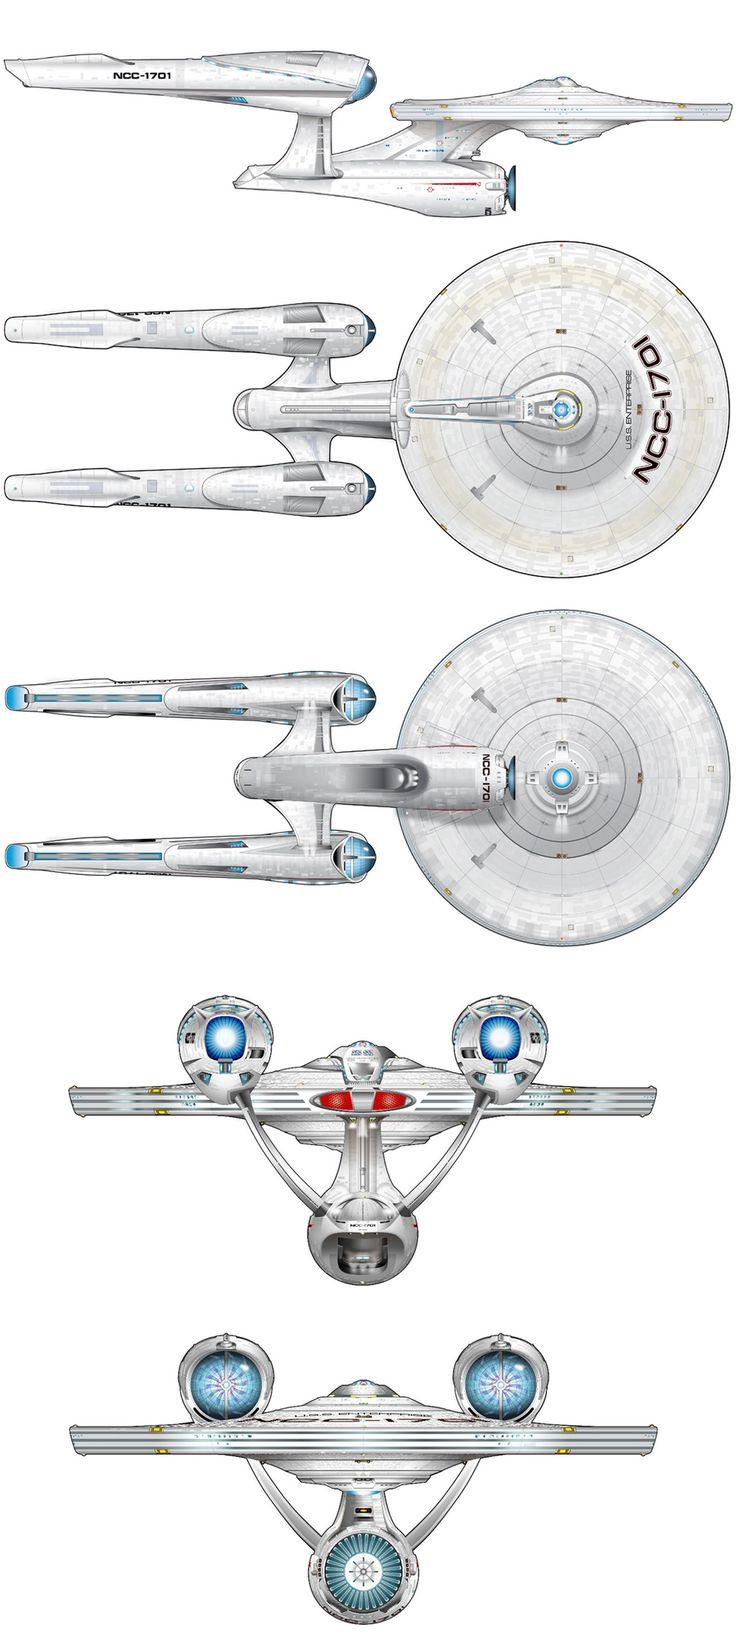 Schematic views of J.J. Abrams' U.S.S. Enterprise NCC-1701